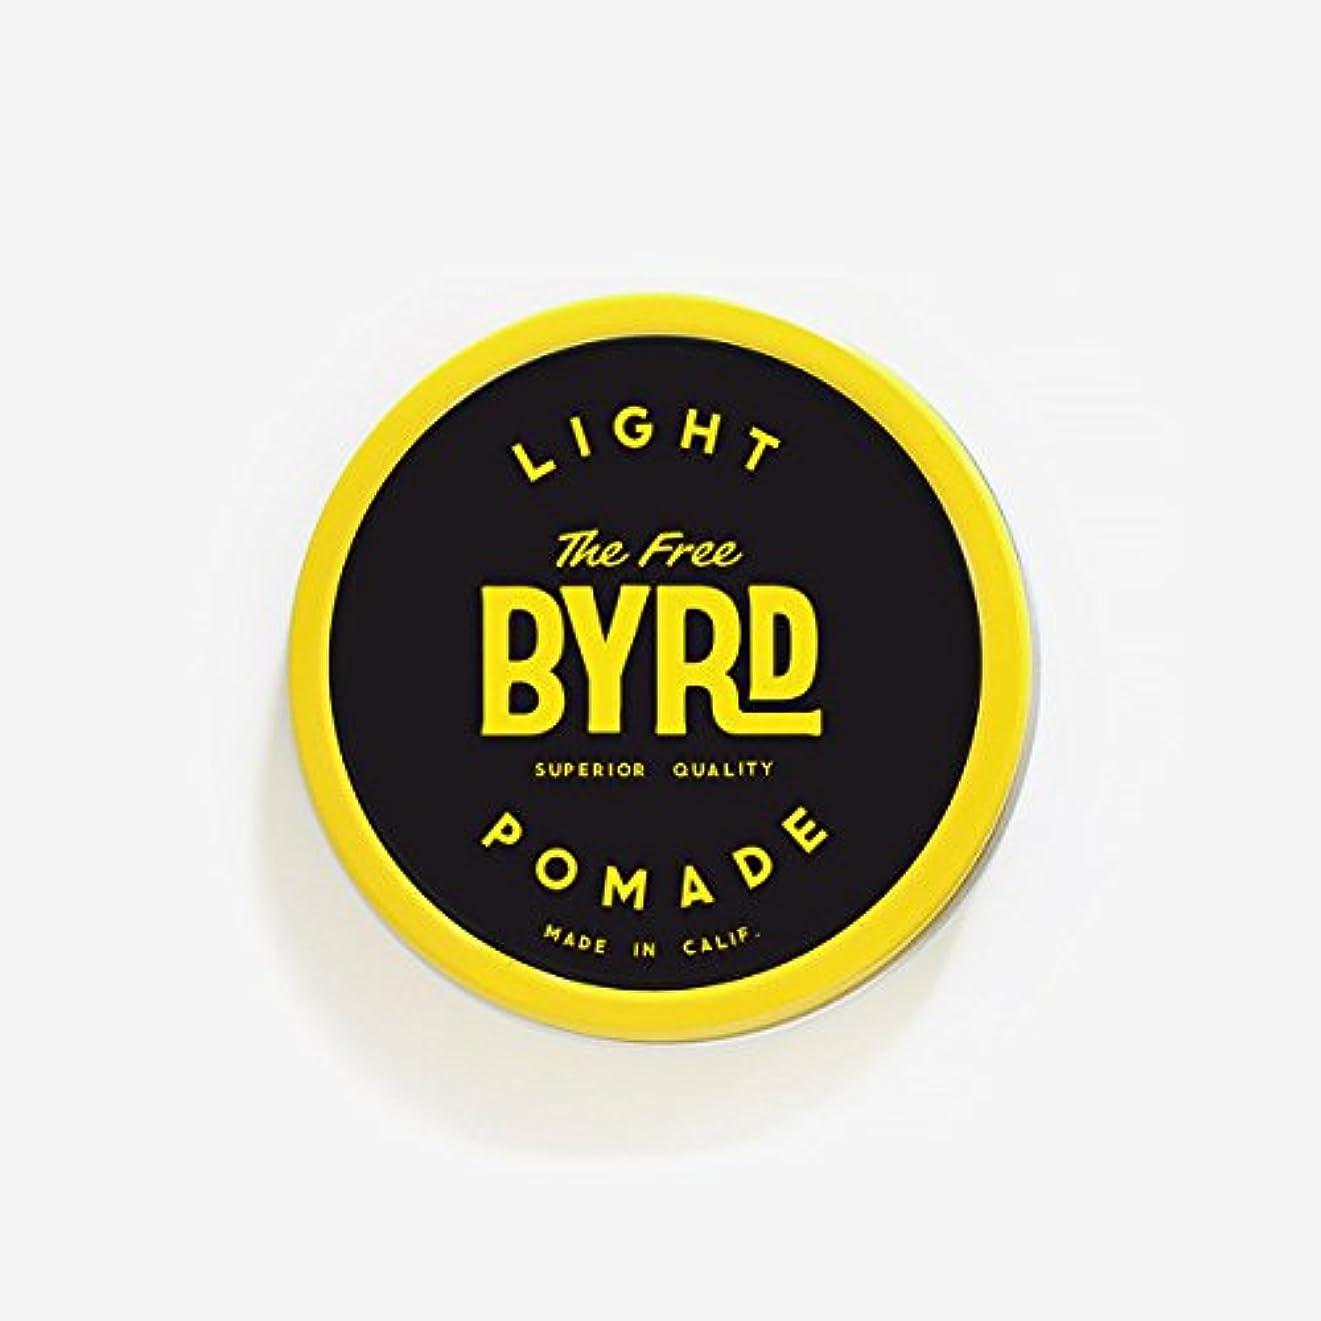 抗議授業料妻バード(BYRD) カリフォルニア発ポマード288 LIGHT POMADE SMALL(スモールサイズ)ライトスタイルヘアワックスヘアスタイリング剤耐水性香料メンズ/レディース 【LIGHT】SMALL